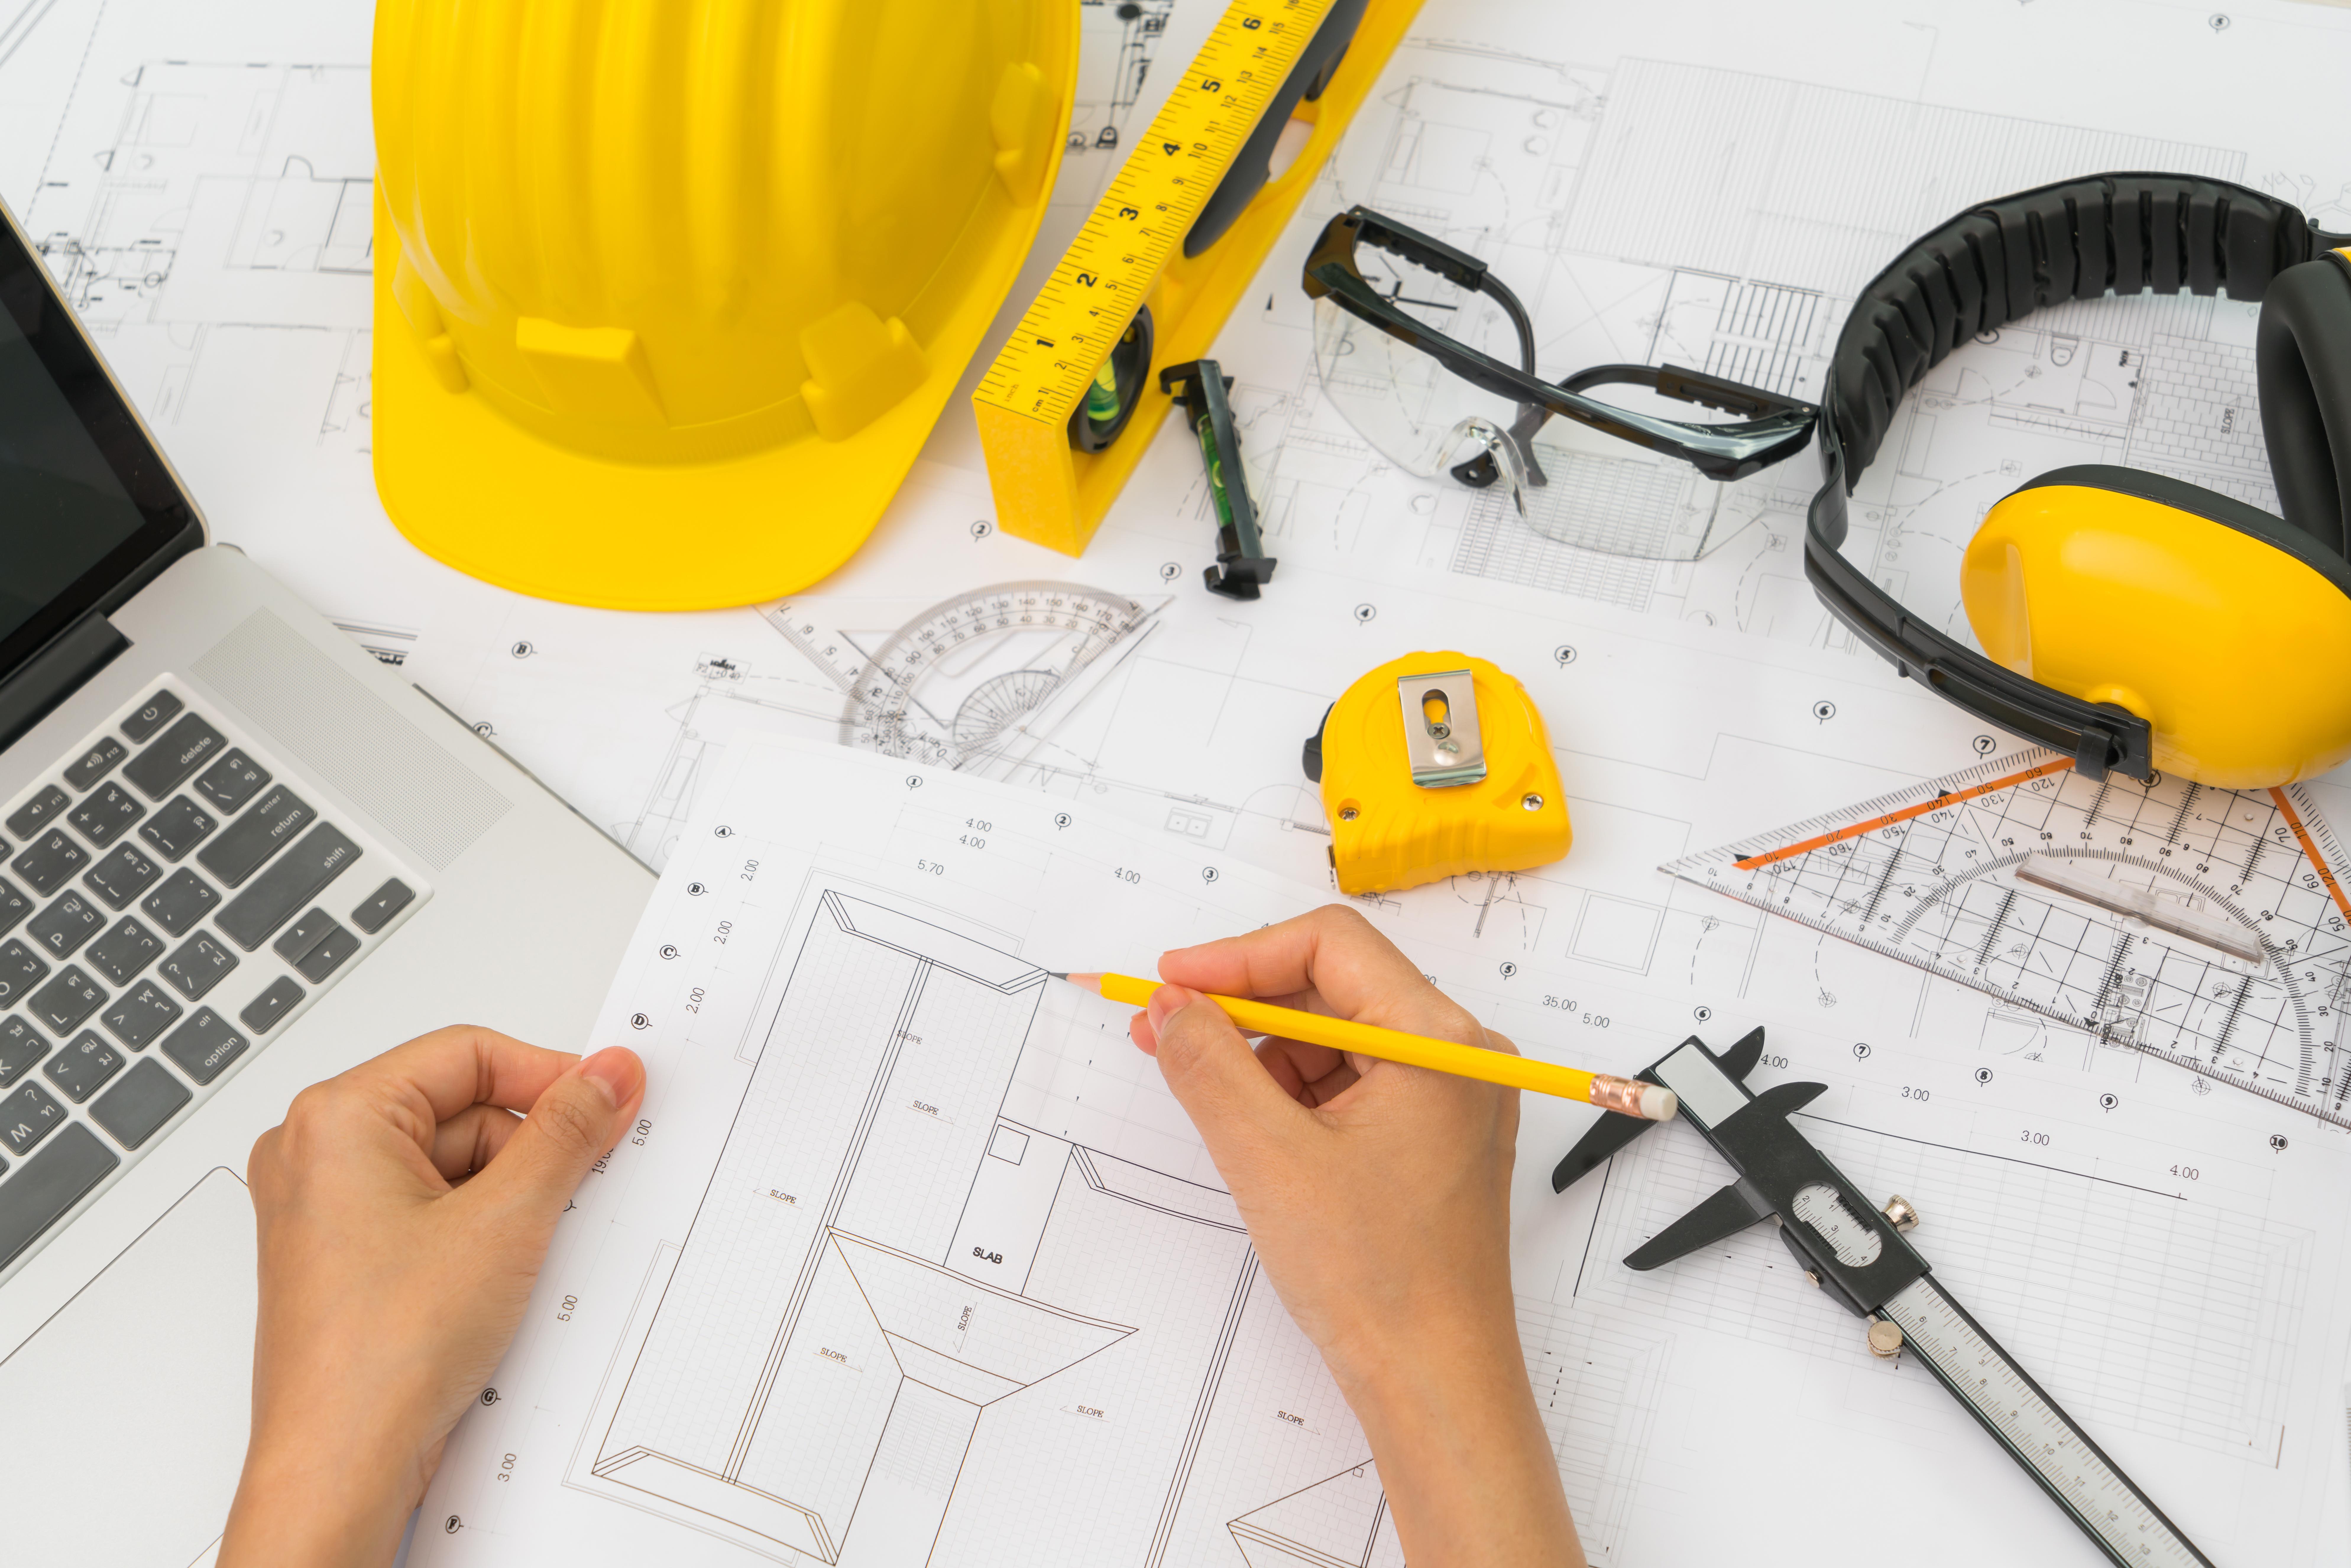 Reformar ou construir? Conheça os 3 erros que podem ser evitados na hora de desenvolver um projeto